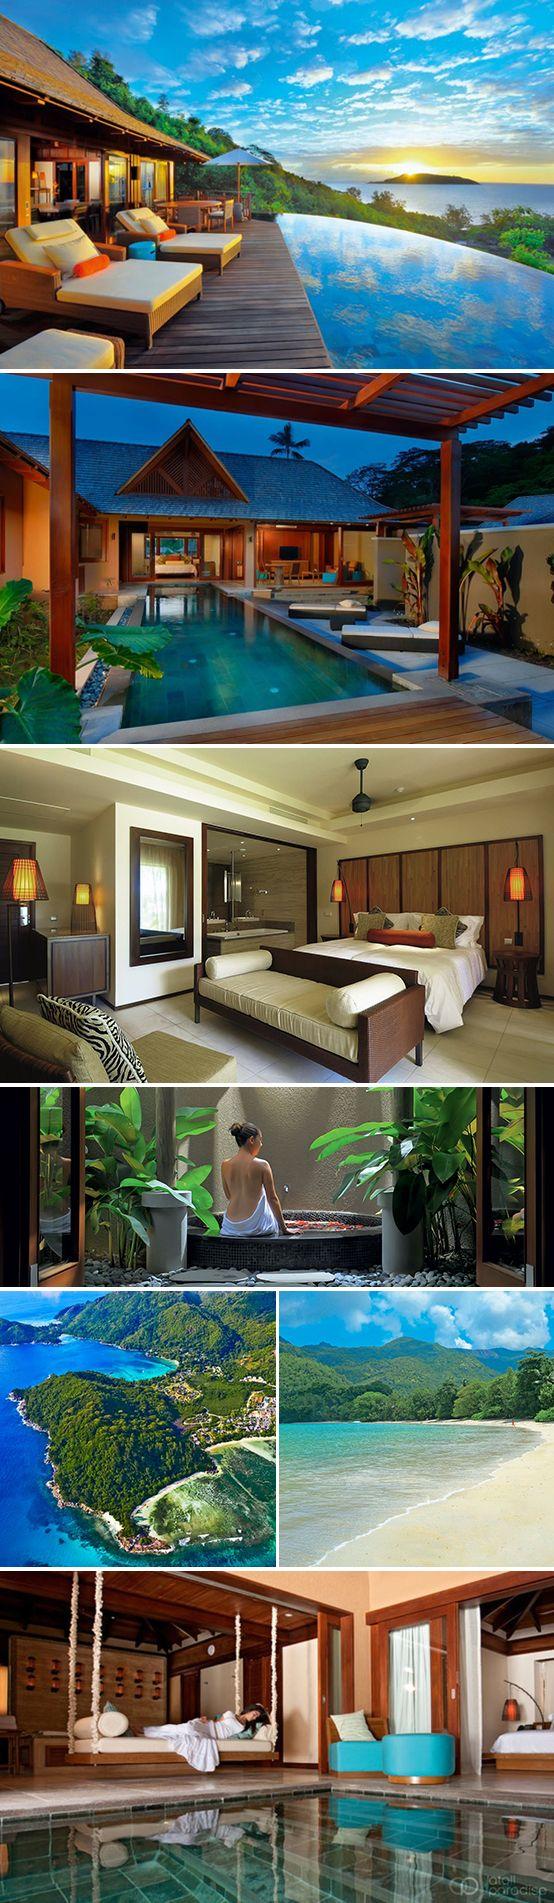 Отель «Constance Ephelia Resort» ***** (остров Маэ, Сейшельские острова).  Подробности: +7 495 9332333, sale@inna.ru, www.inna.ru   Будьте с нами! Открывайте мир с нами! Путешествуйте с нами!